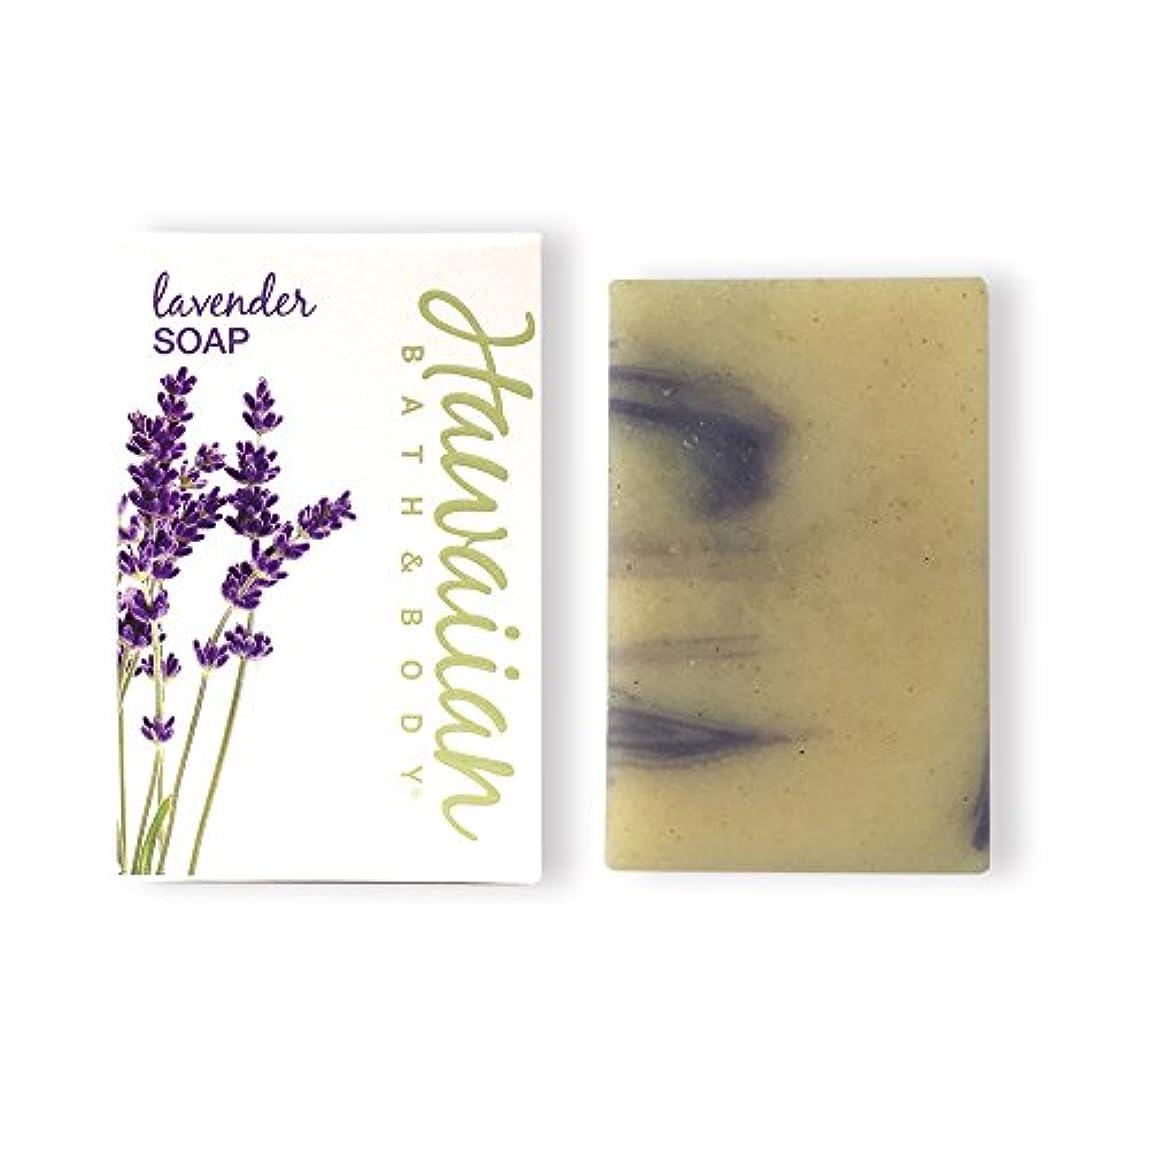 ロック森林屋内ハワイアンバス&ボディ ラベンダー?ナチュラルソープ ( Lavender Soap )